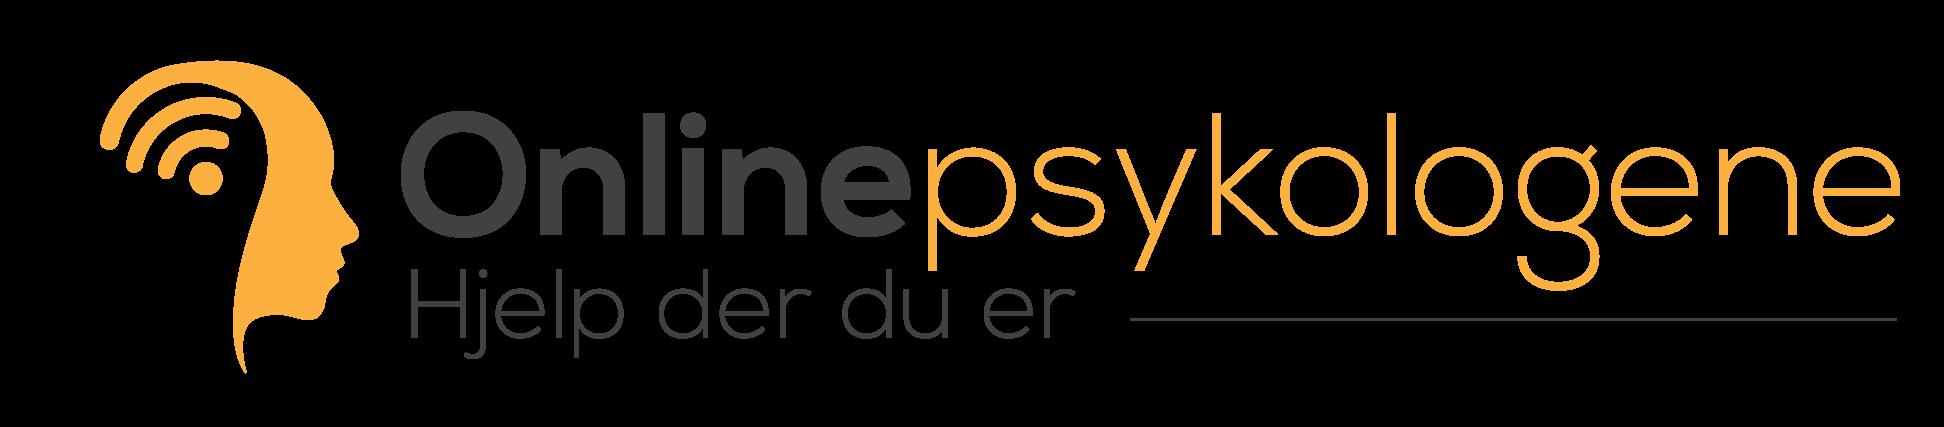 Onlinepsykologene